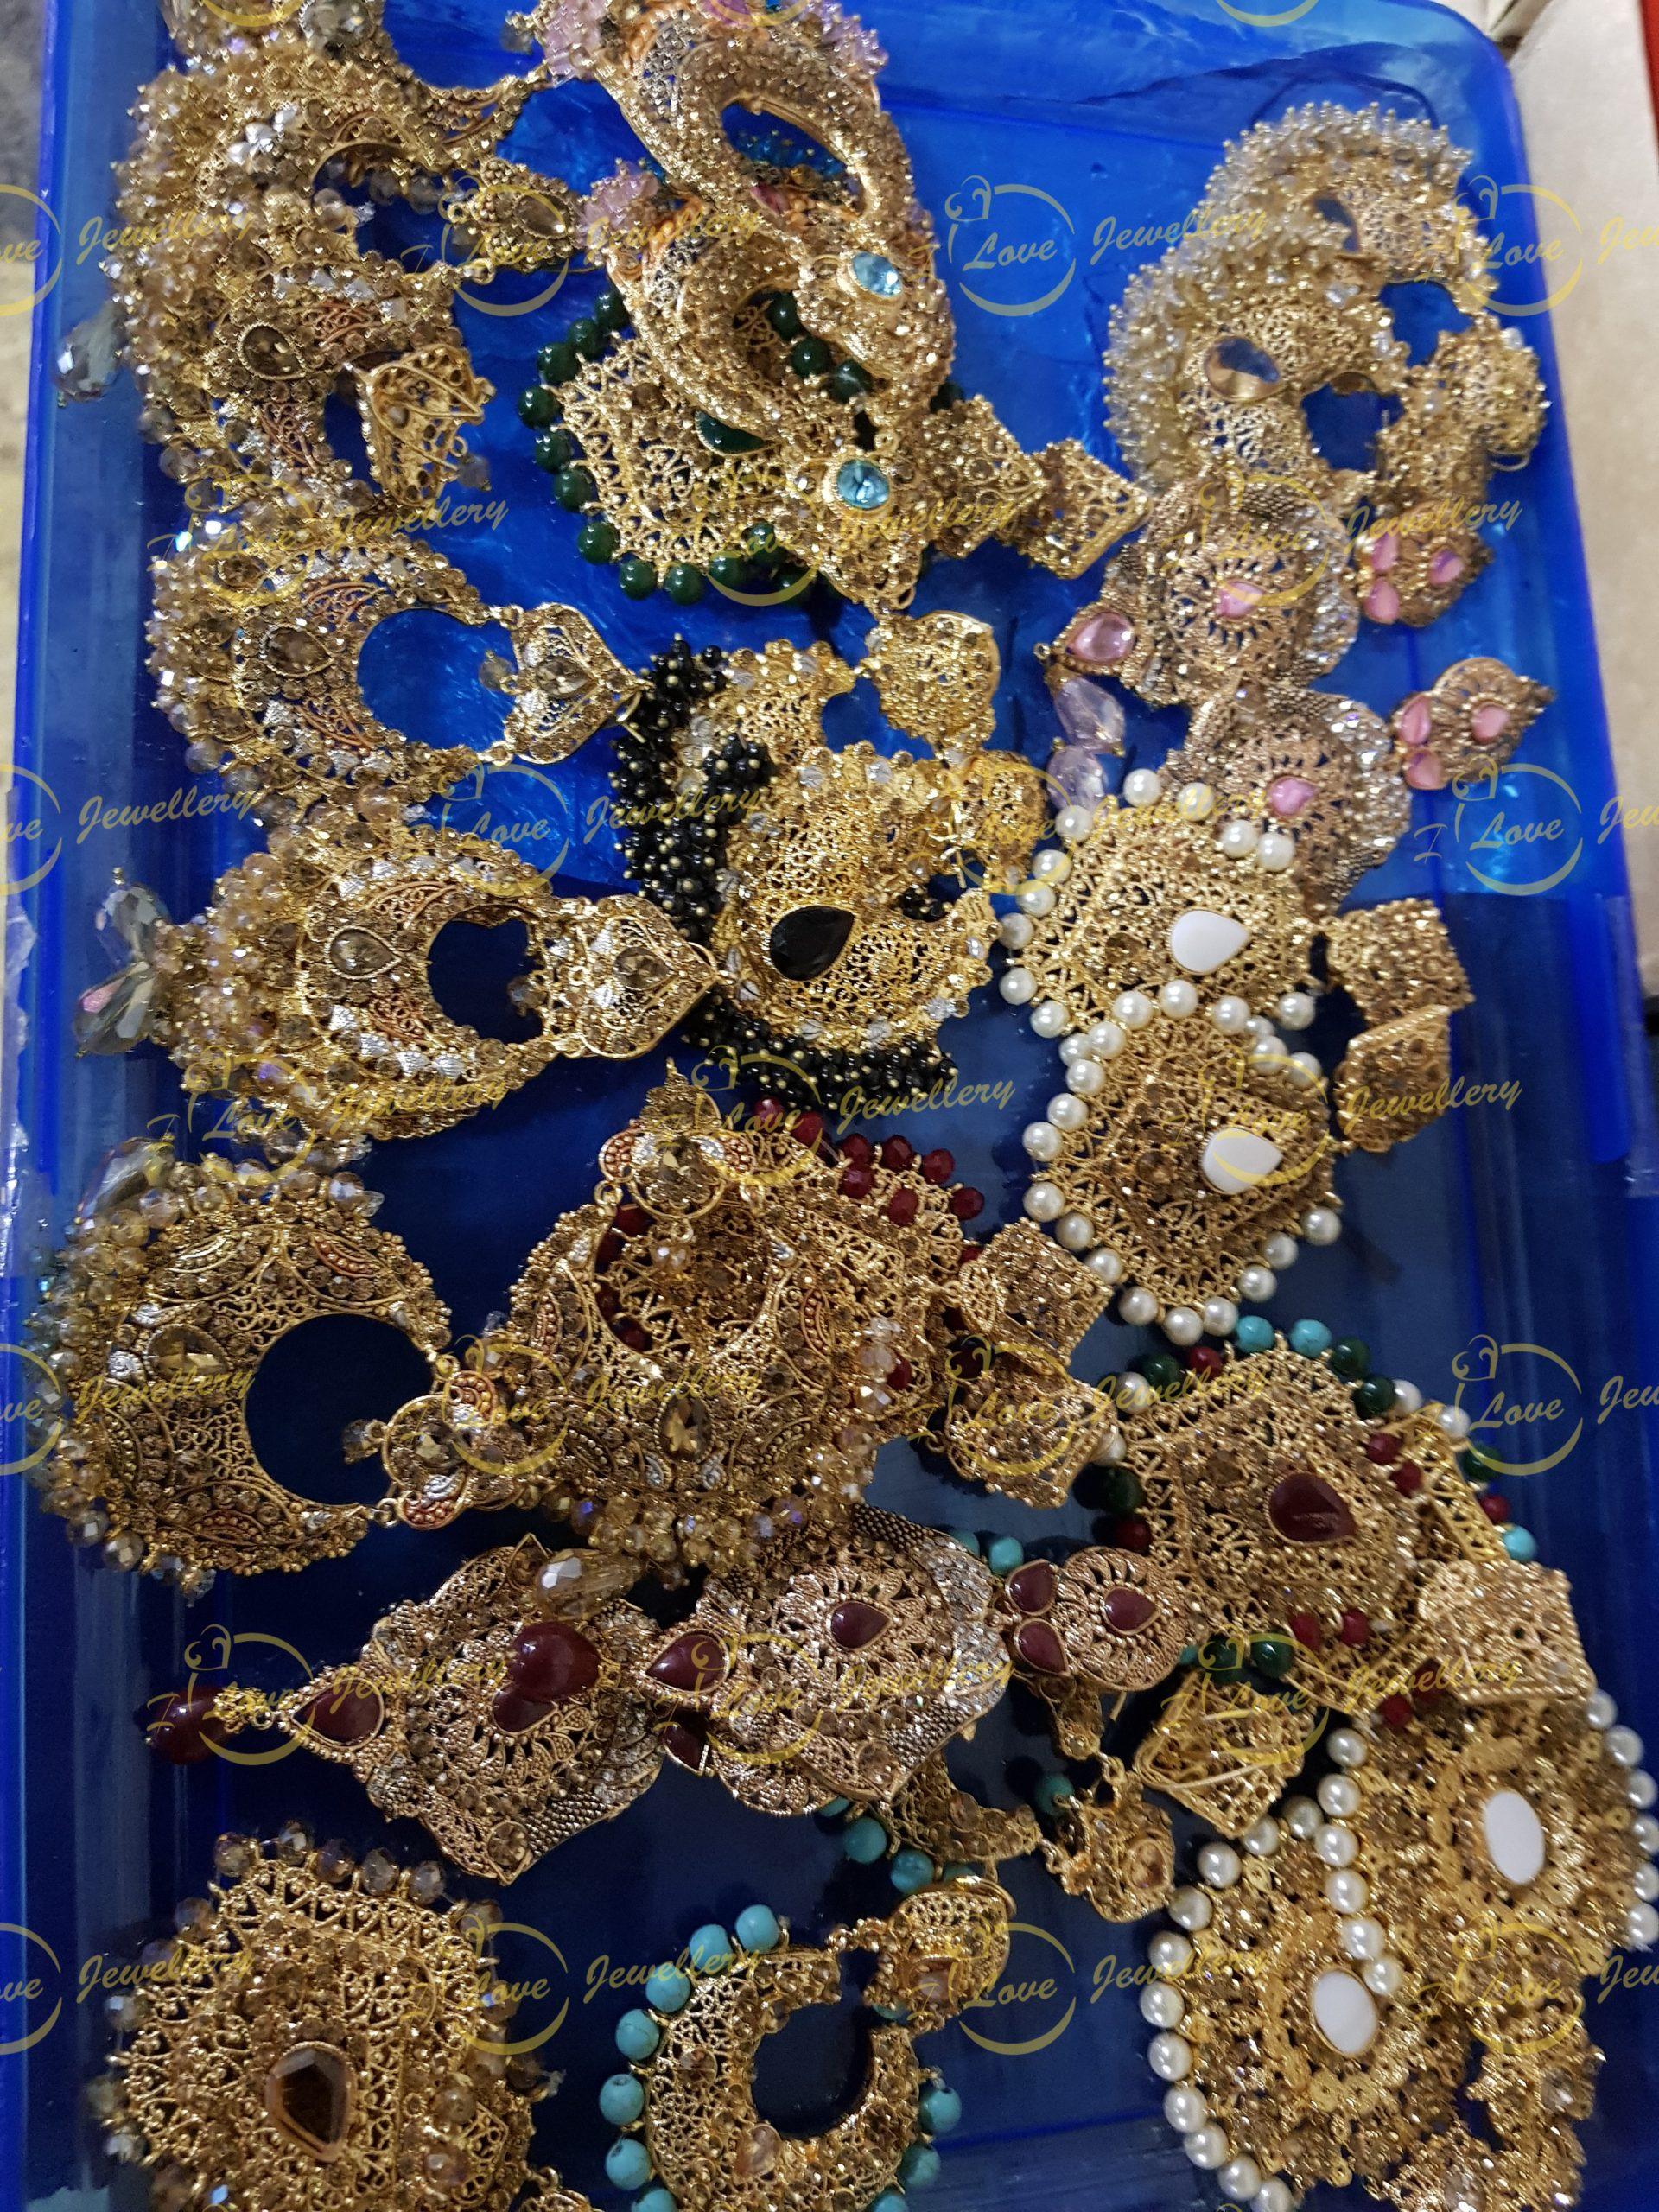 Party earrings - golden earrings - mixed earrings - bridal earrings - wedding earrings - party earrings - wholesale Pakistani jewellery - bespoke Pakistani jewellery